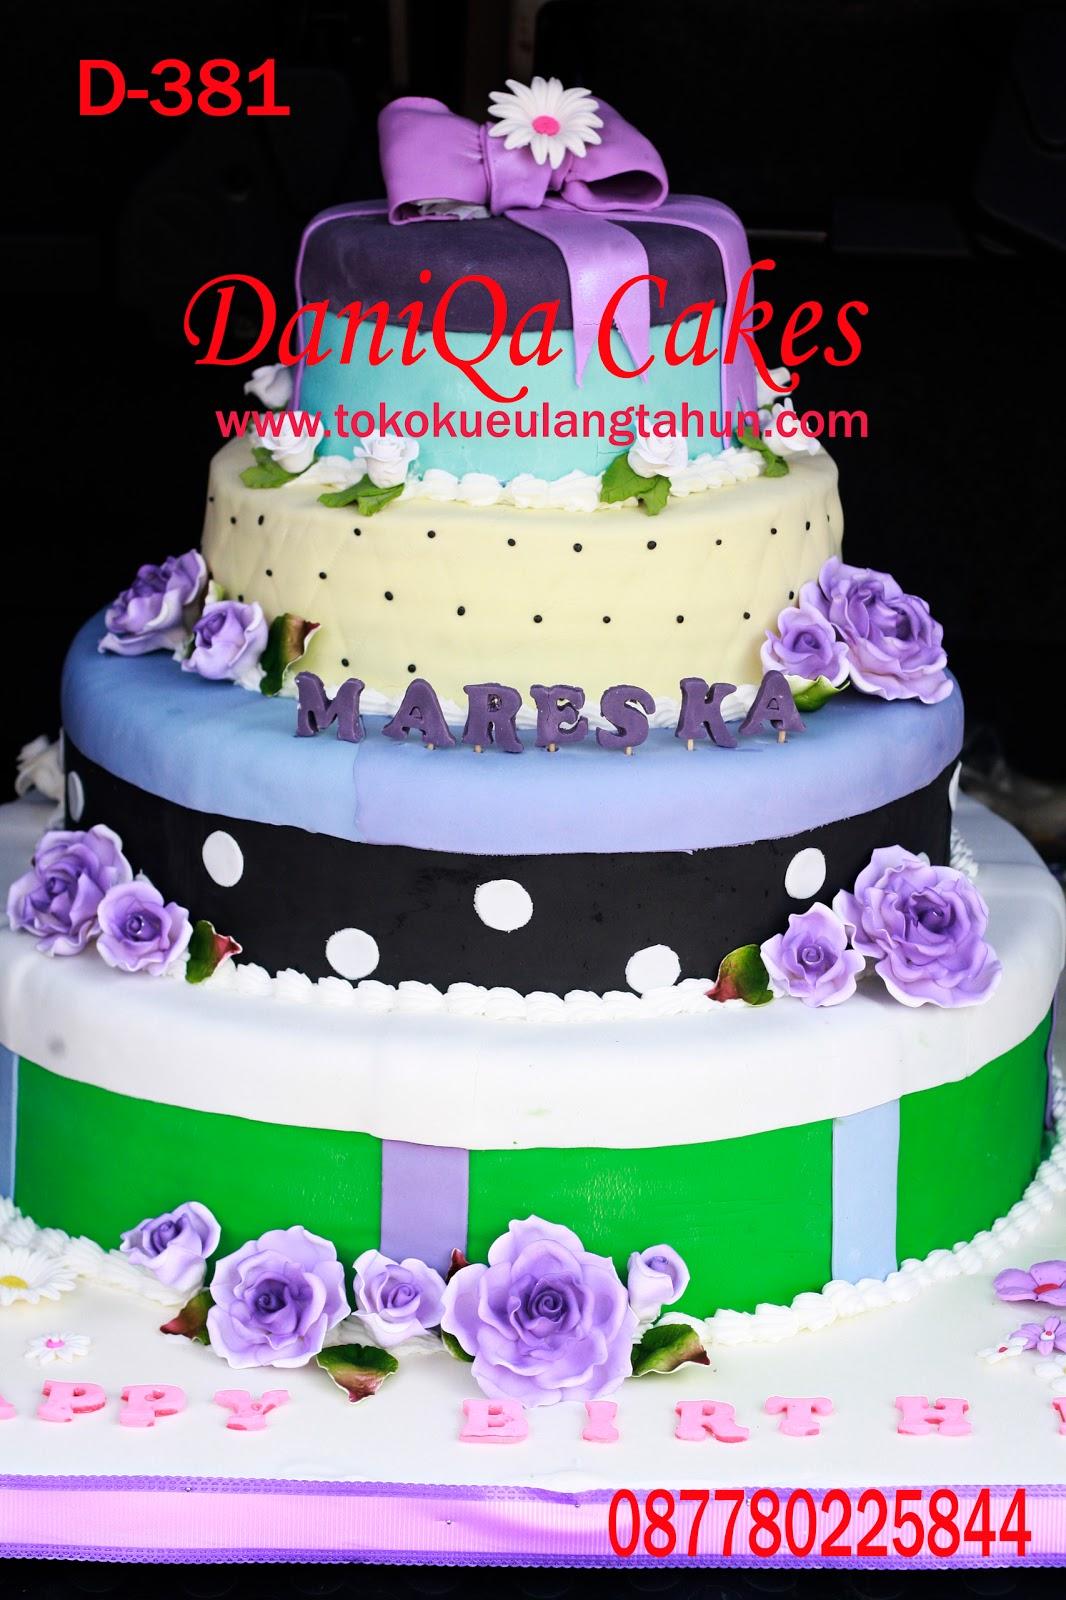 Pin Cupcake Keju Kue Sedap Tabloidnova Situs Wanita Paling Cake